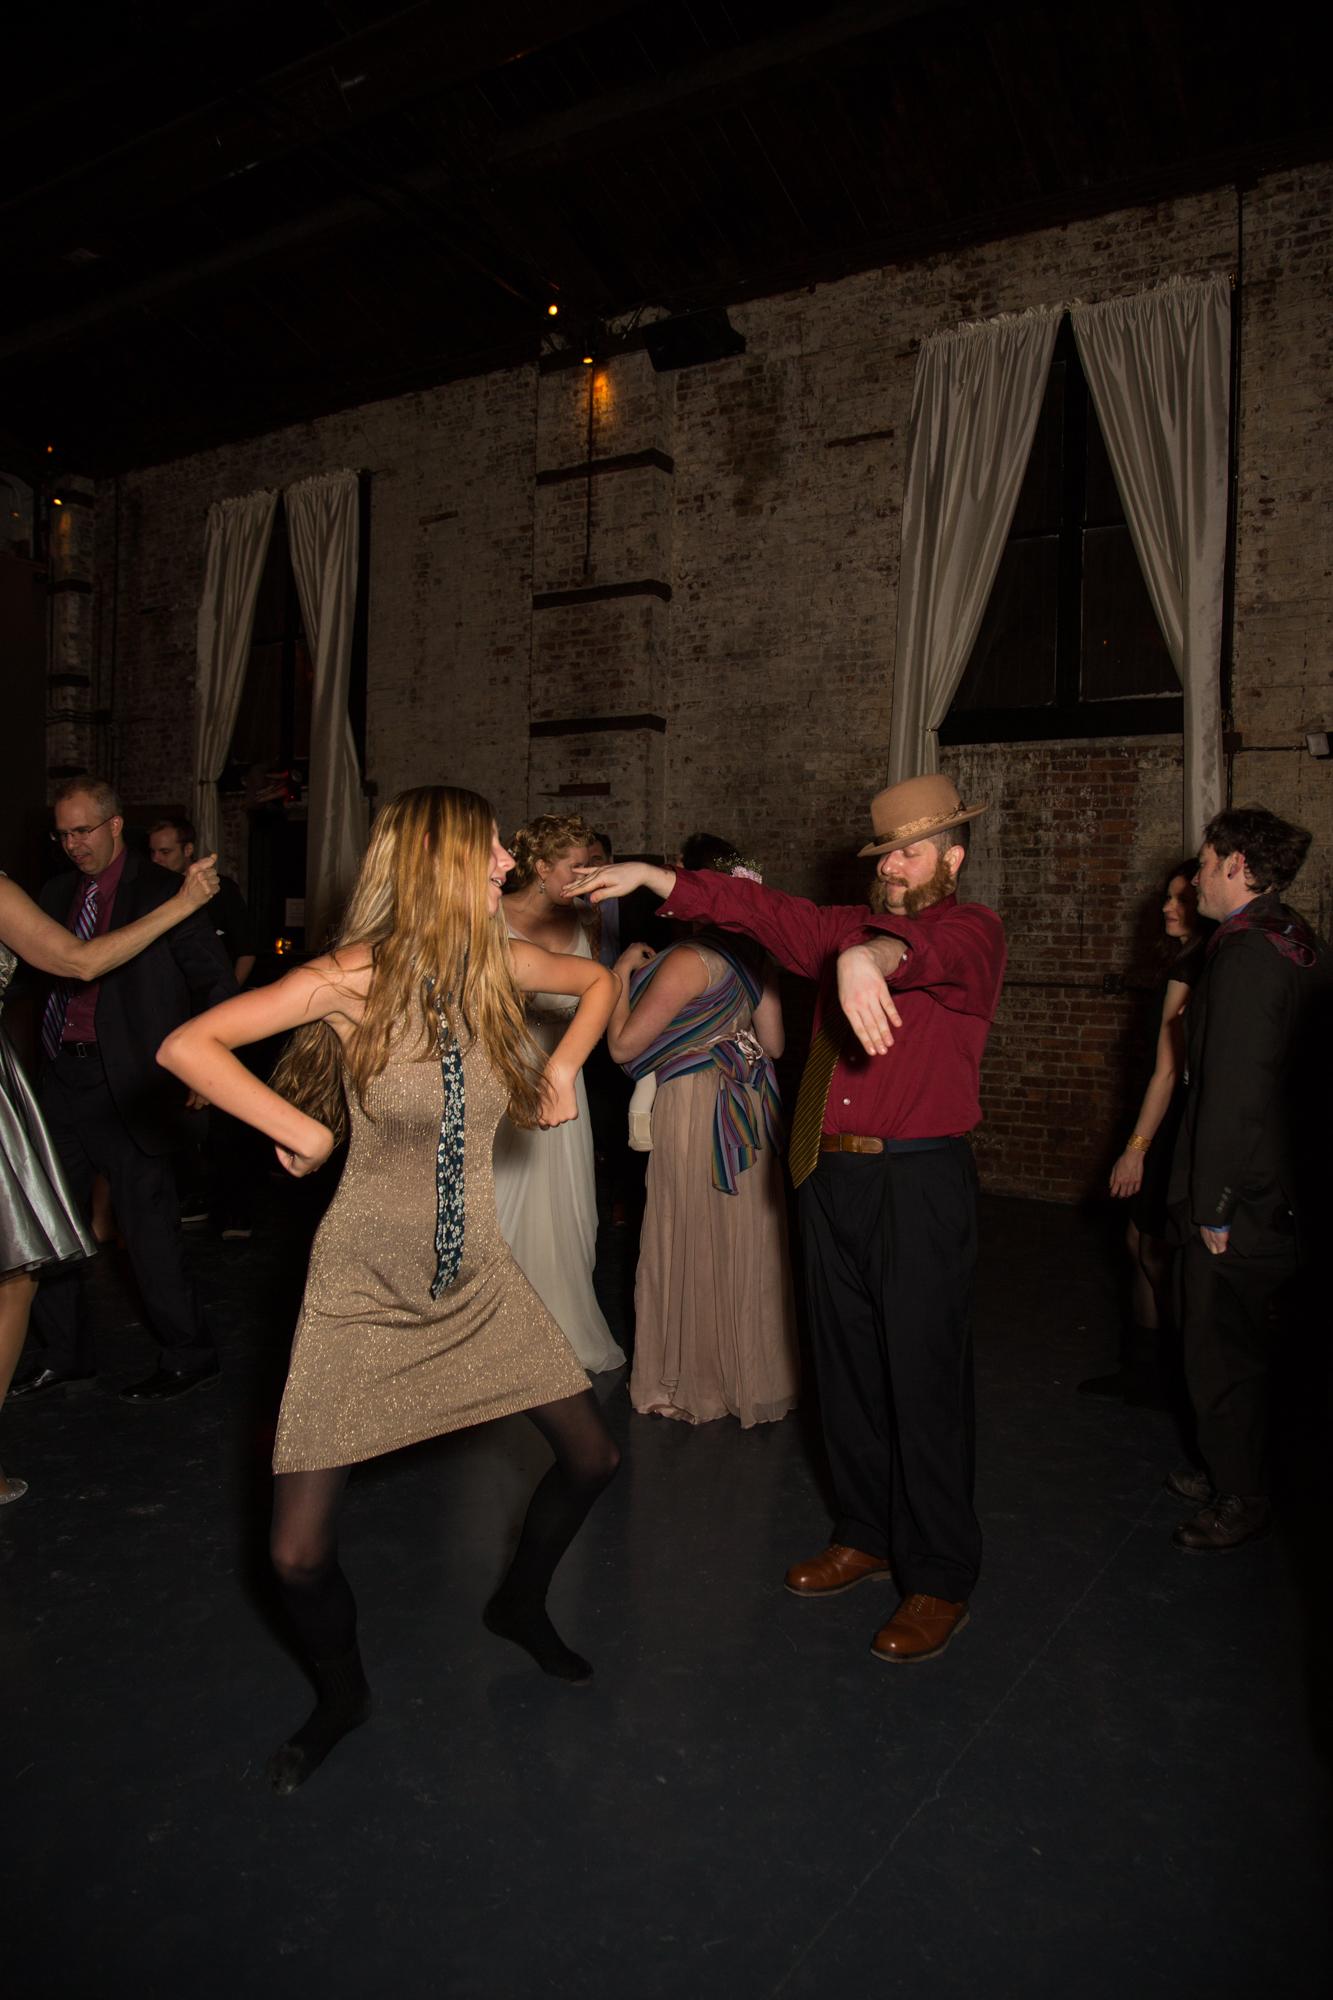 HeatherPhelpsLipton-Modern-WeddingPhotography-GreenBuilding-winter-prospectpark-44.jpg